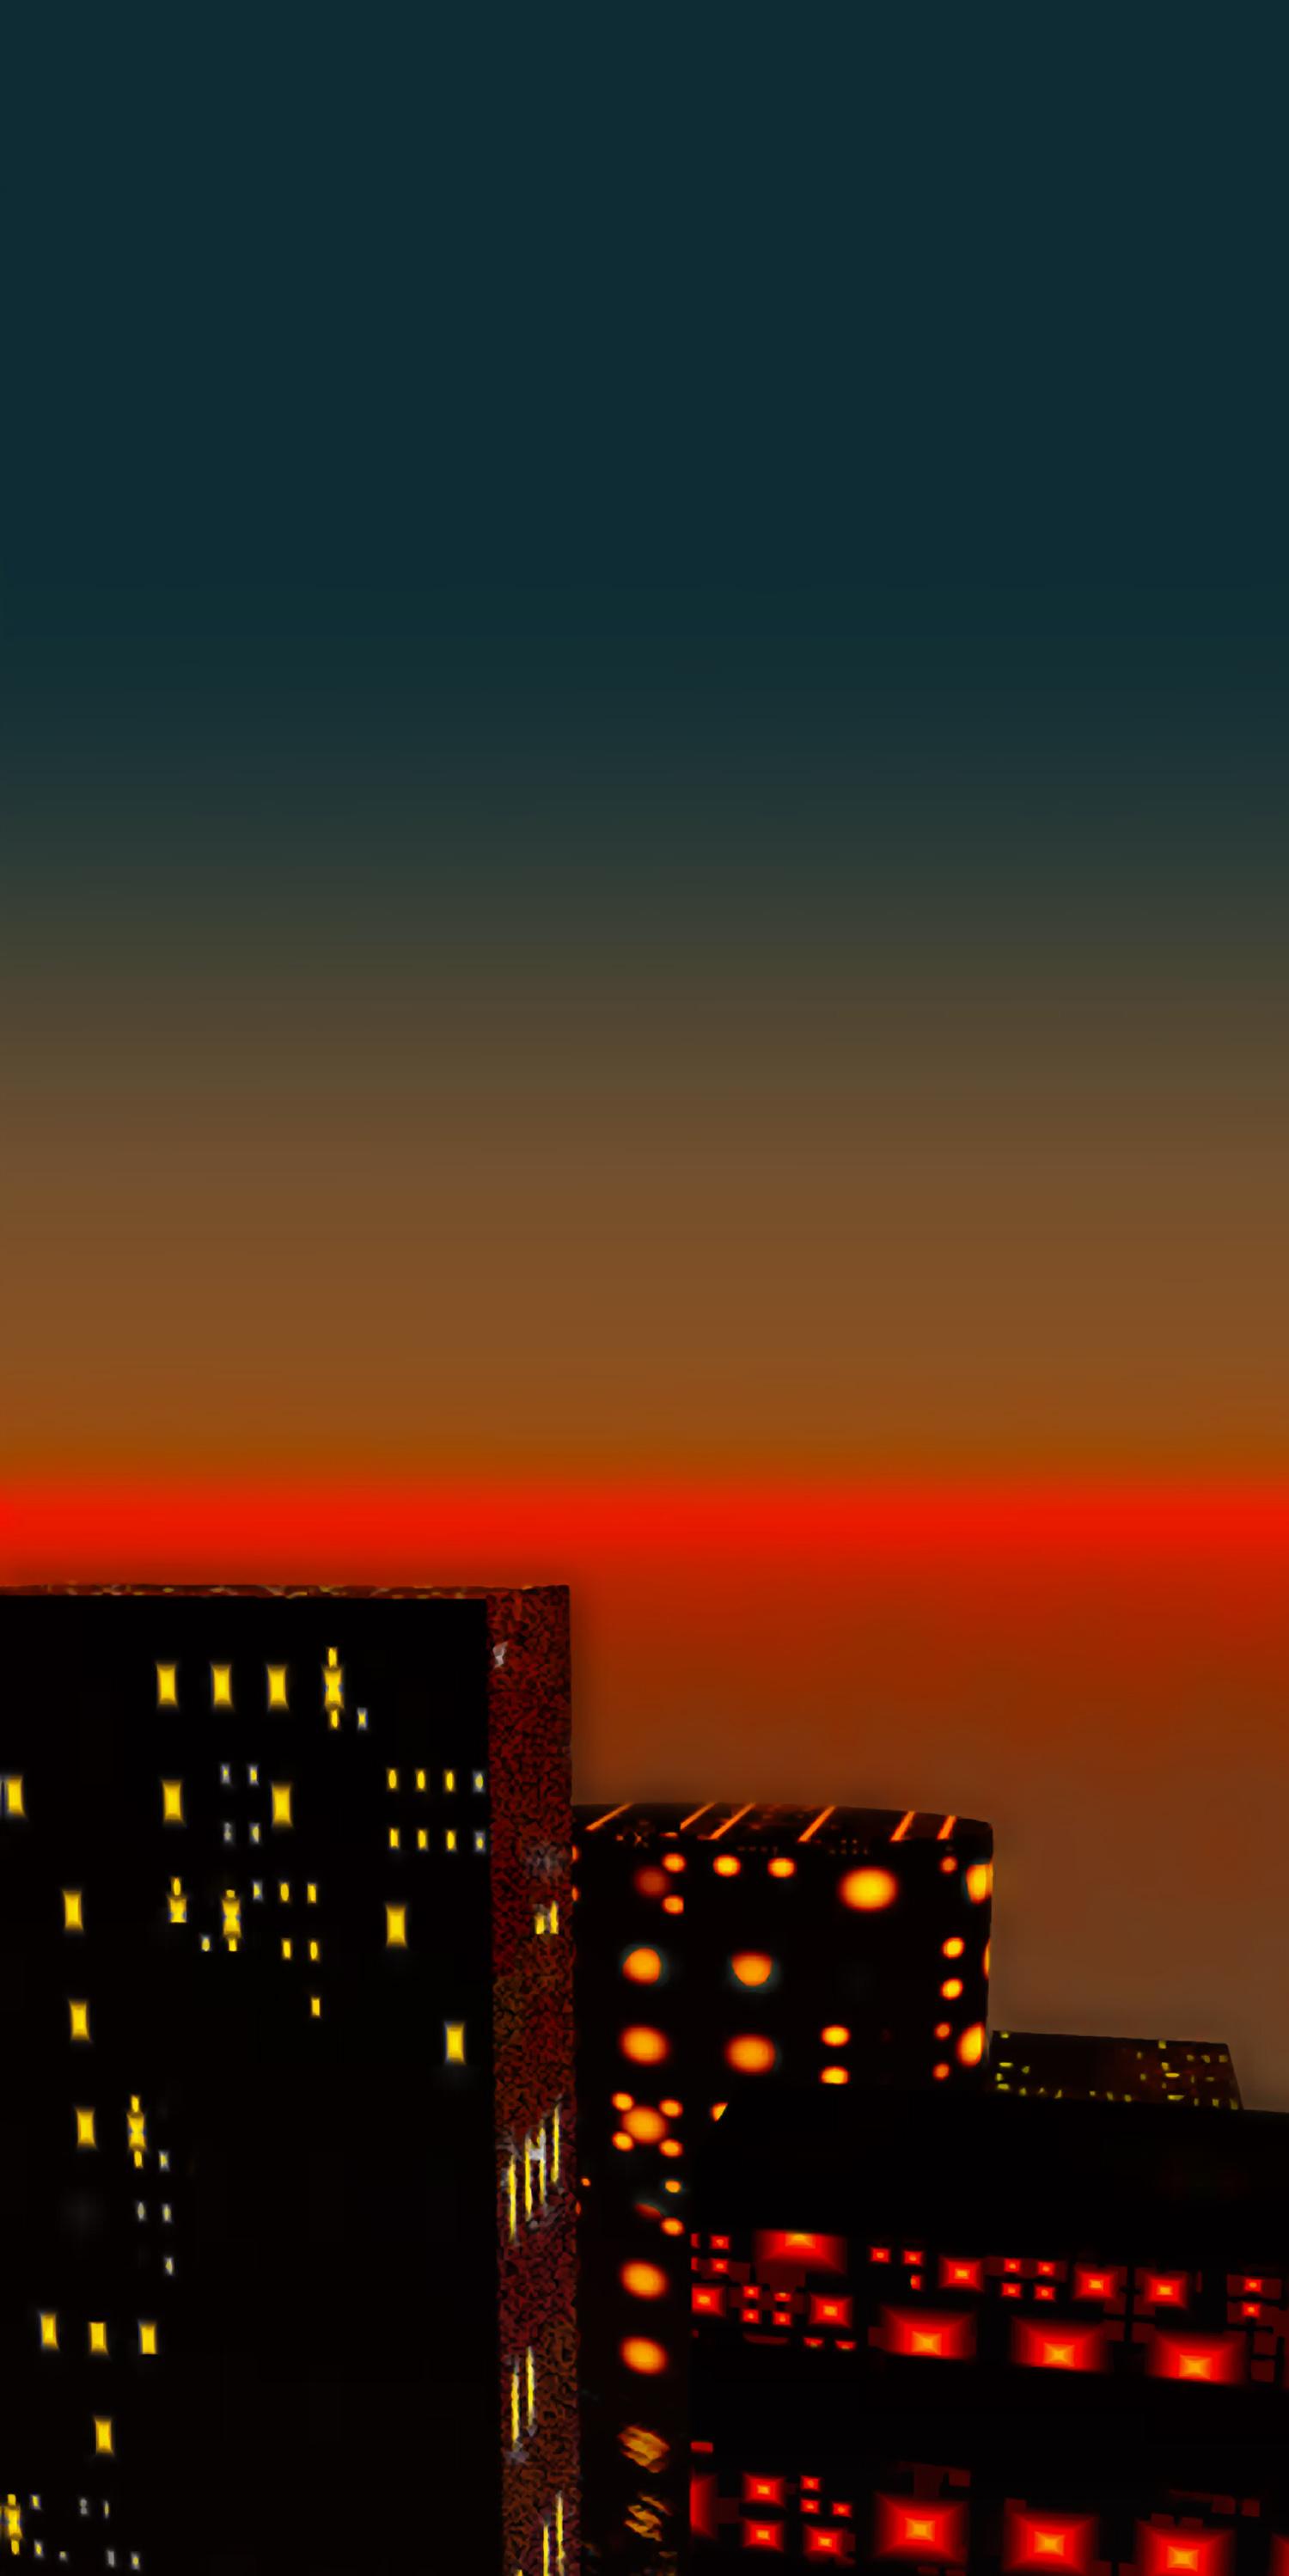 Urban 3a5